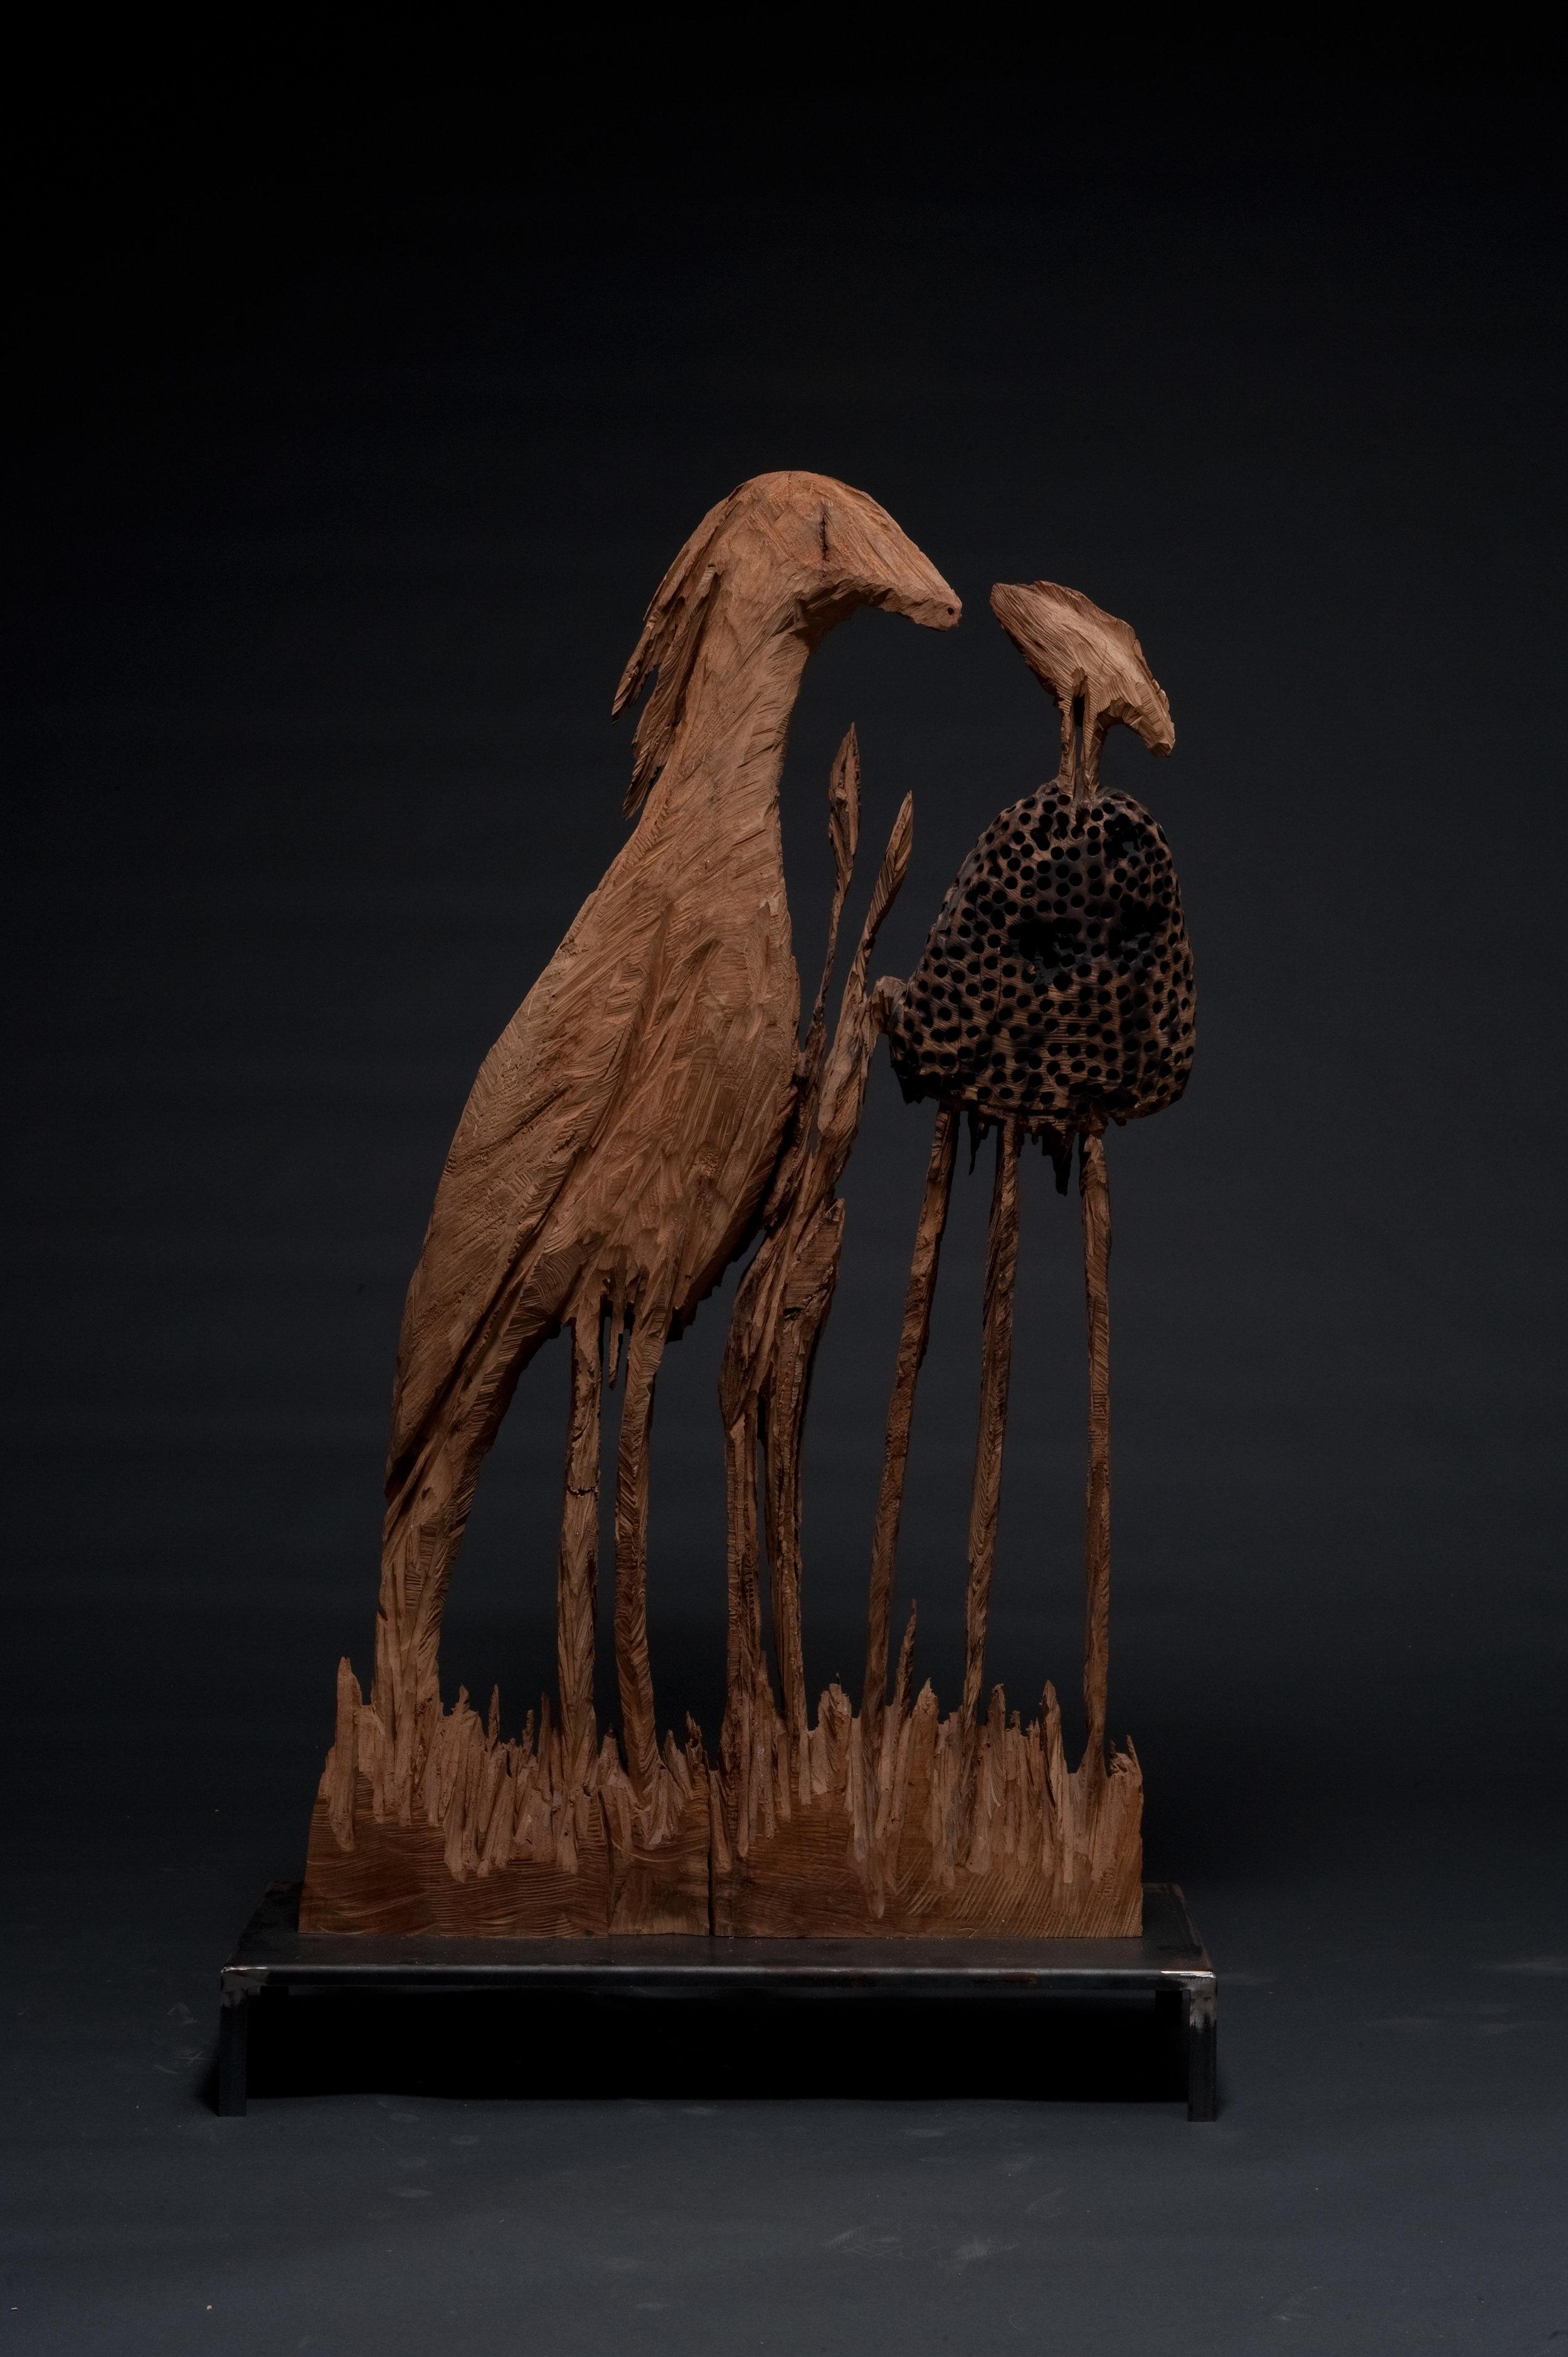 Vogel mit Morchel, 150x20x80 cm, 2007